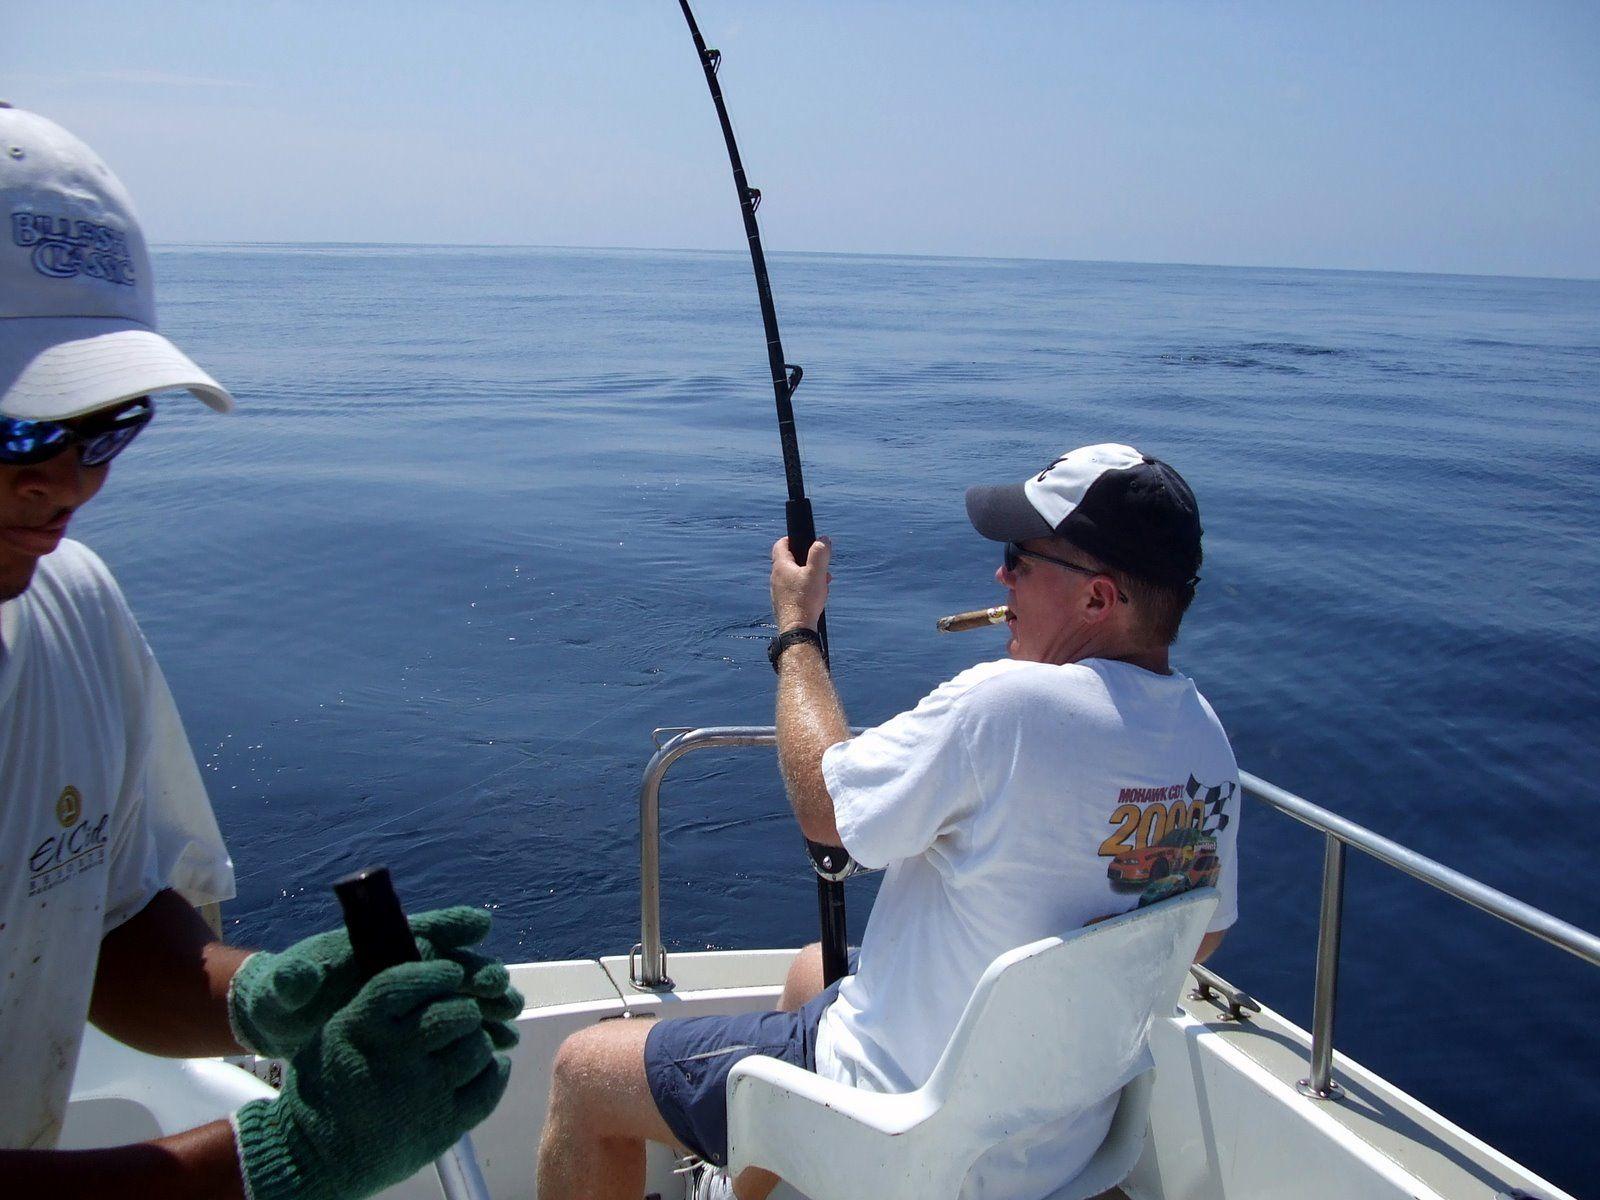 Destin Fly Fishing Guide   Destin Flats Fishing Guide